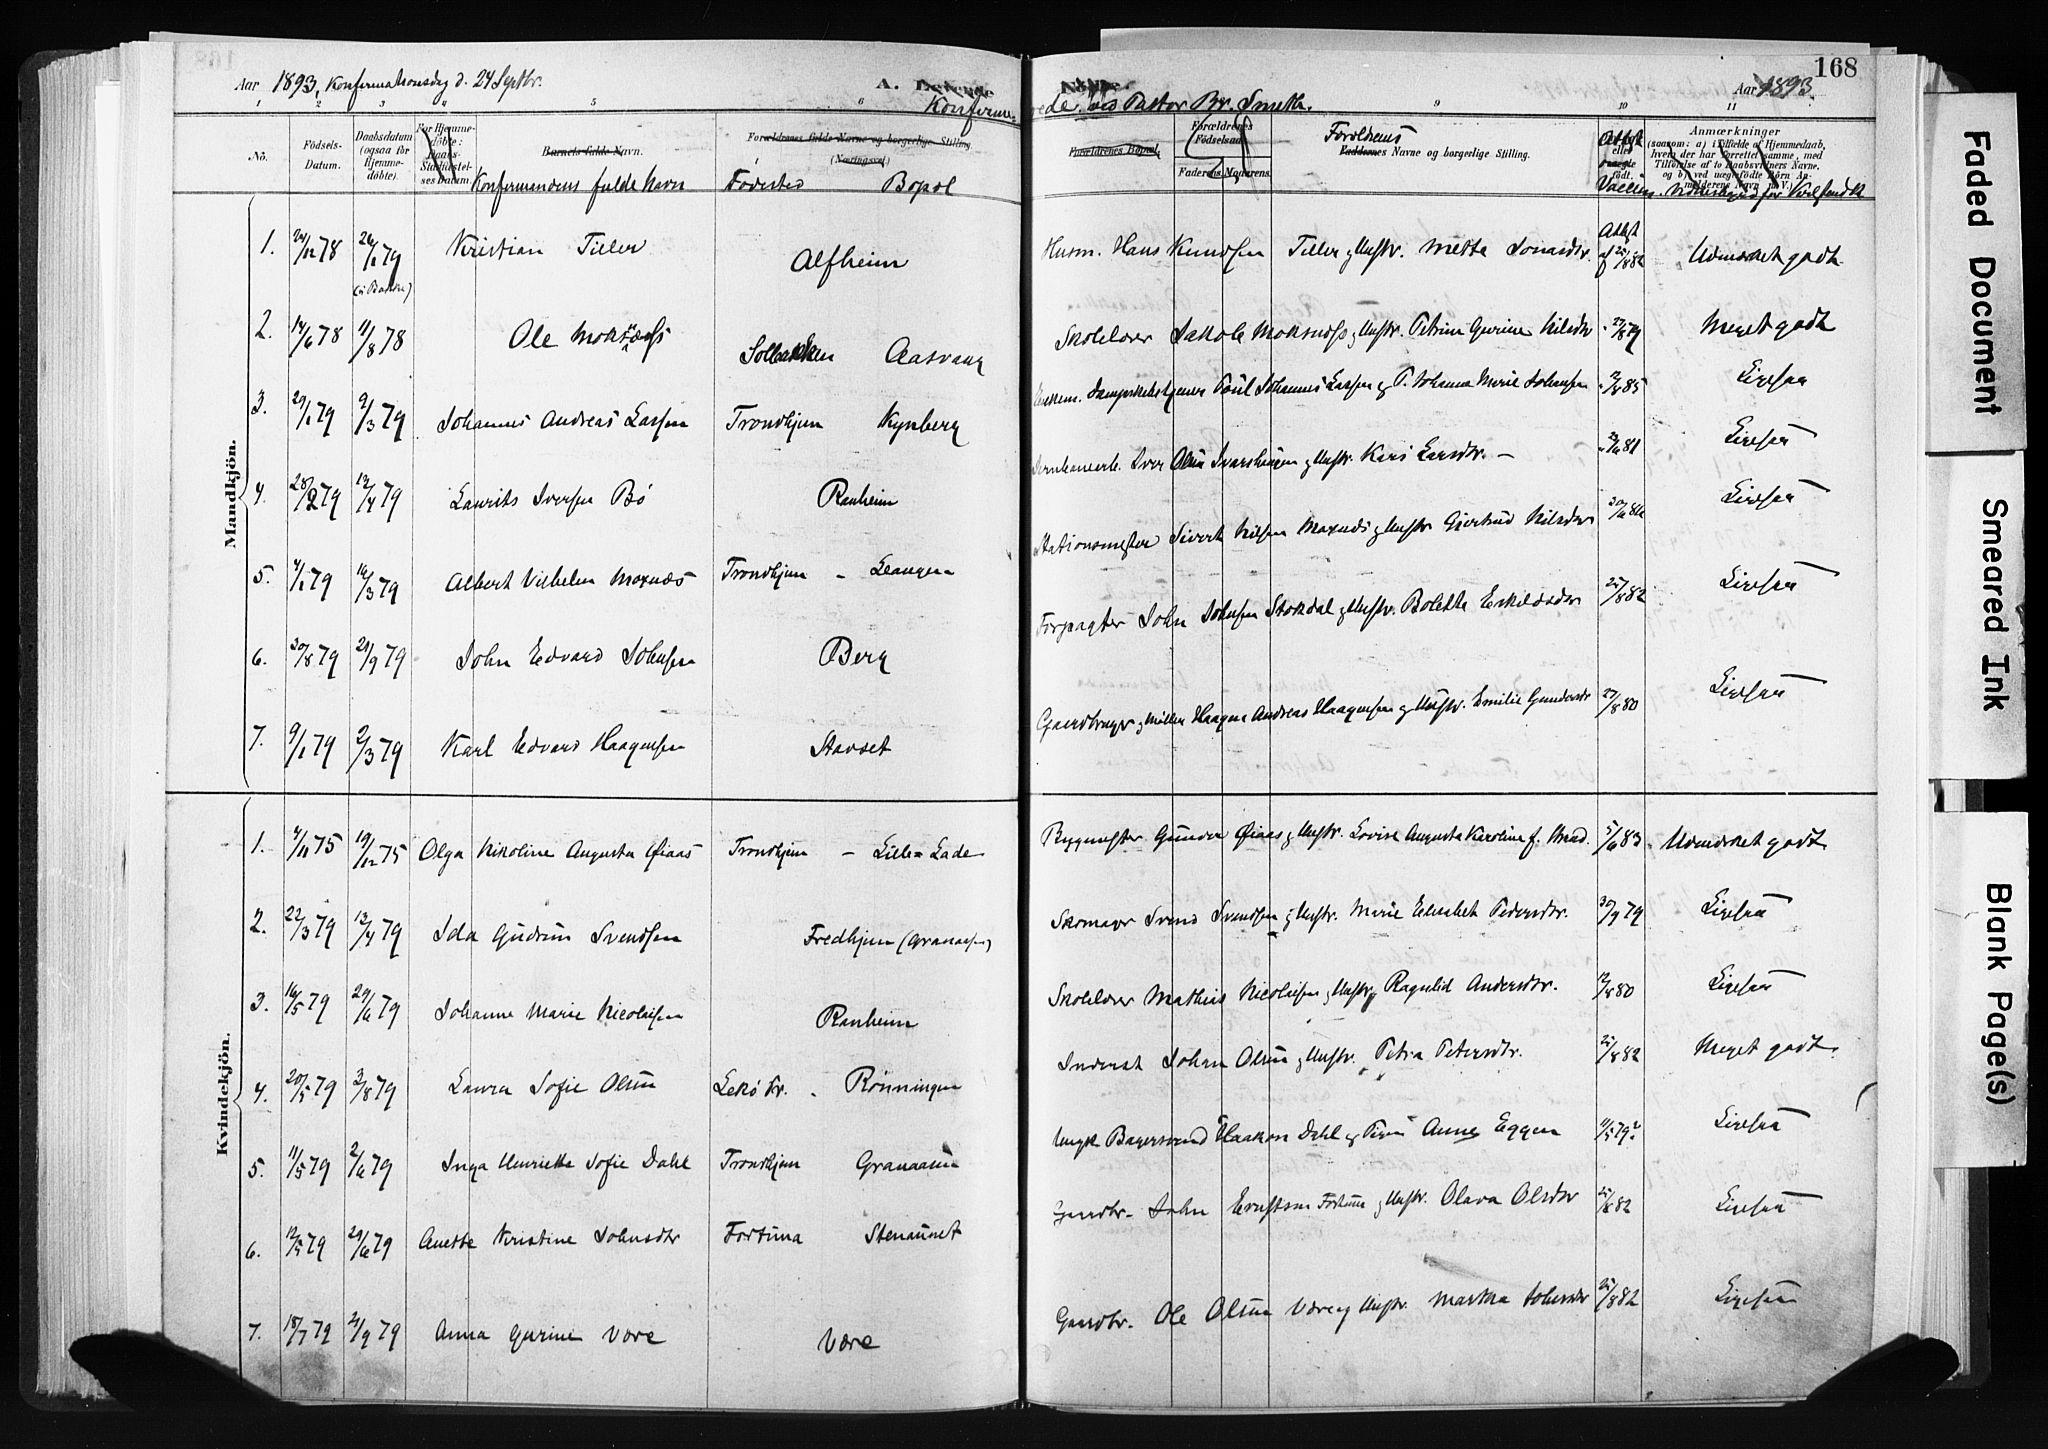 SAT, Ministerialprotokoller, klokkerbøker og fødselsregistre - Sør-Trøndelag, 606/L0300: Ministerialbok nr. 606A15, 1886-1893, s. 168